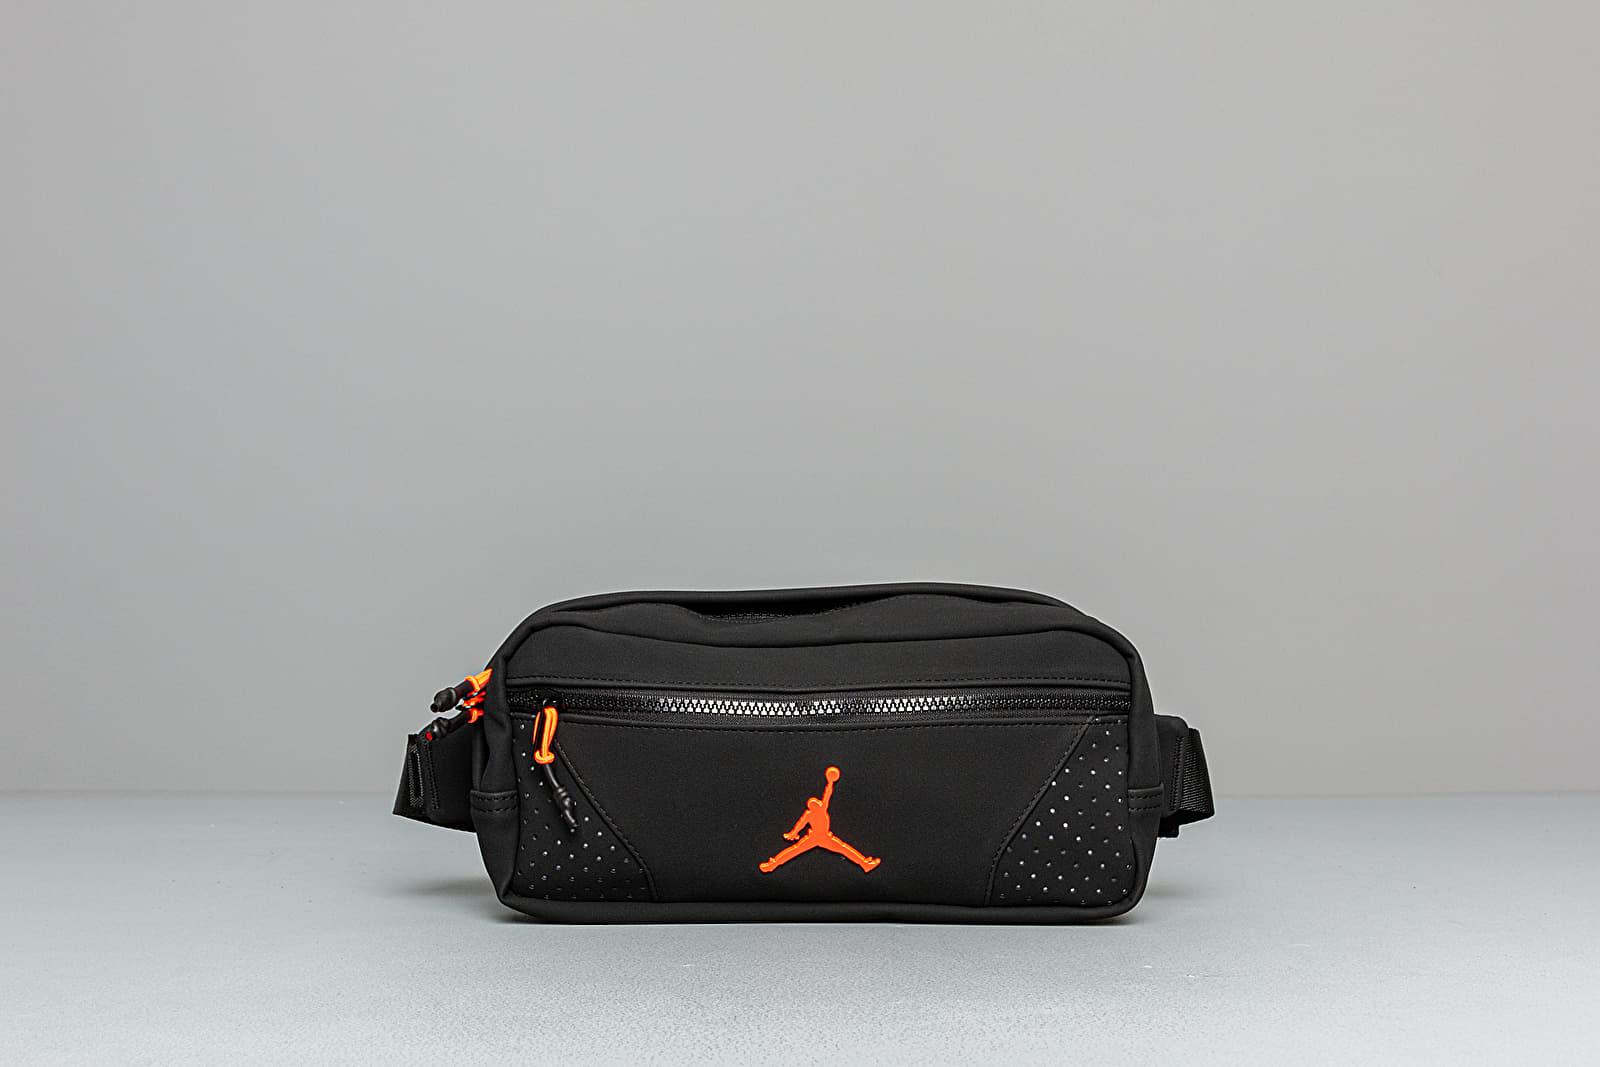 Jordan Retro 6 Crossbody Bag